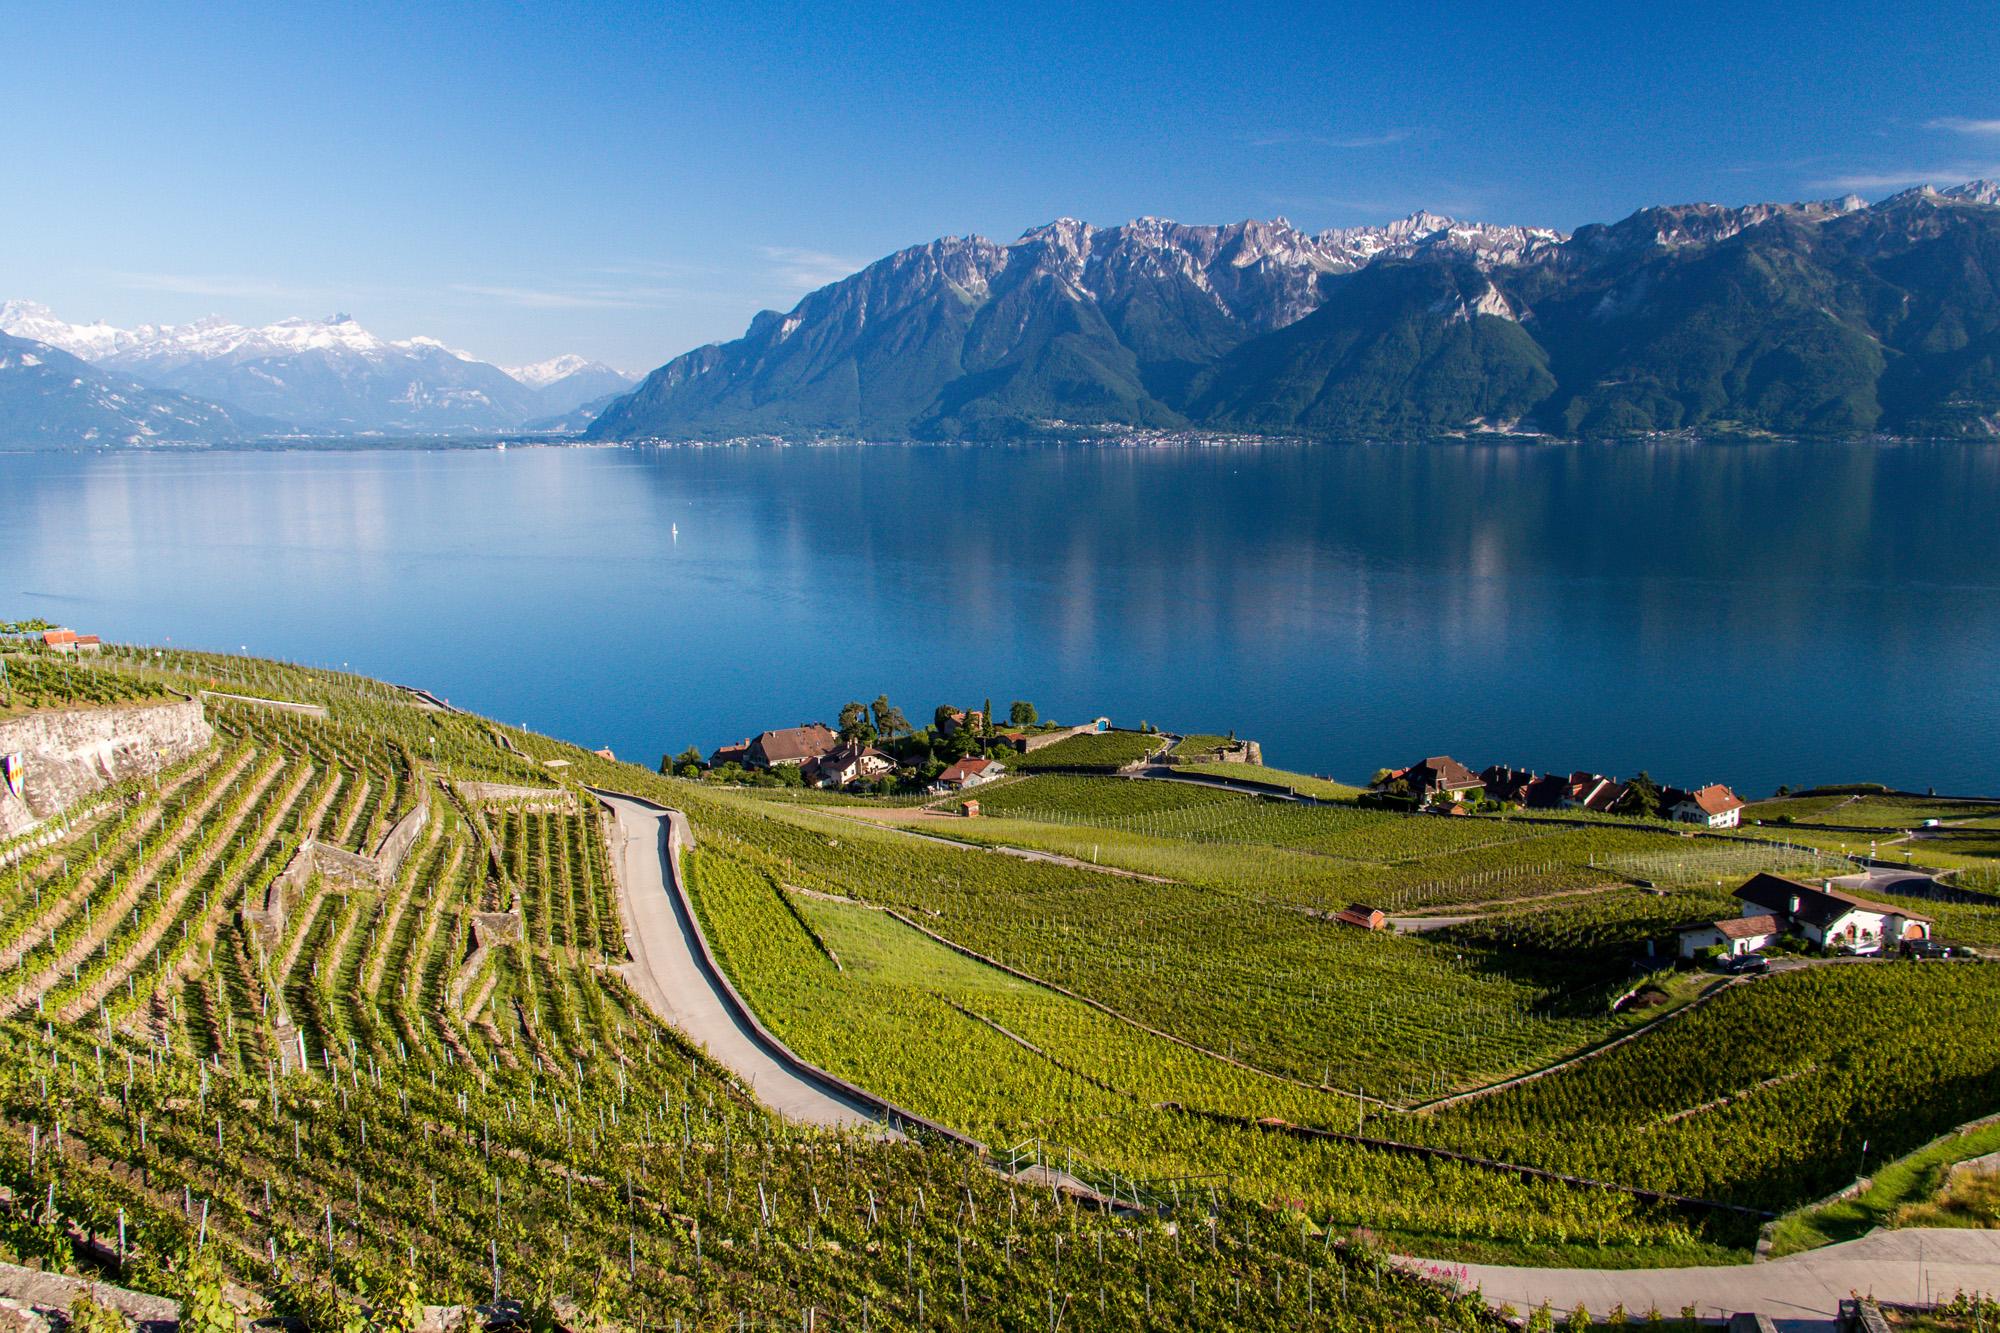 Blick von Chexbres auf die Weinberge des Lavaux am Genfersee